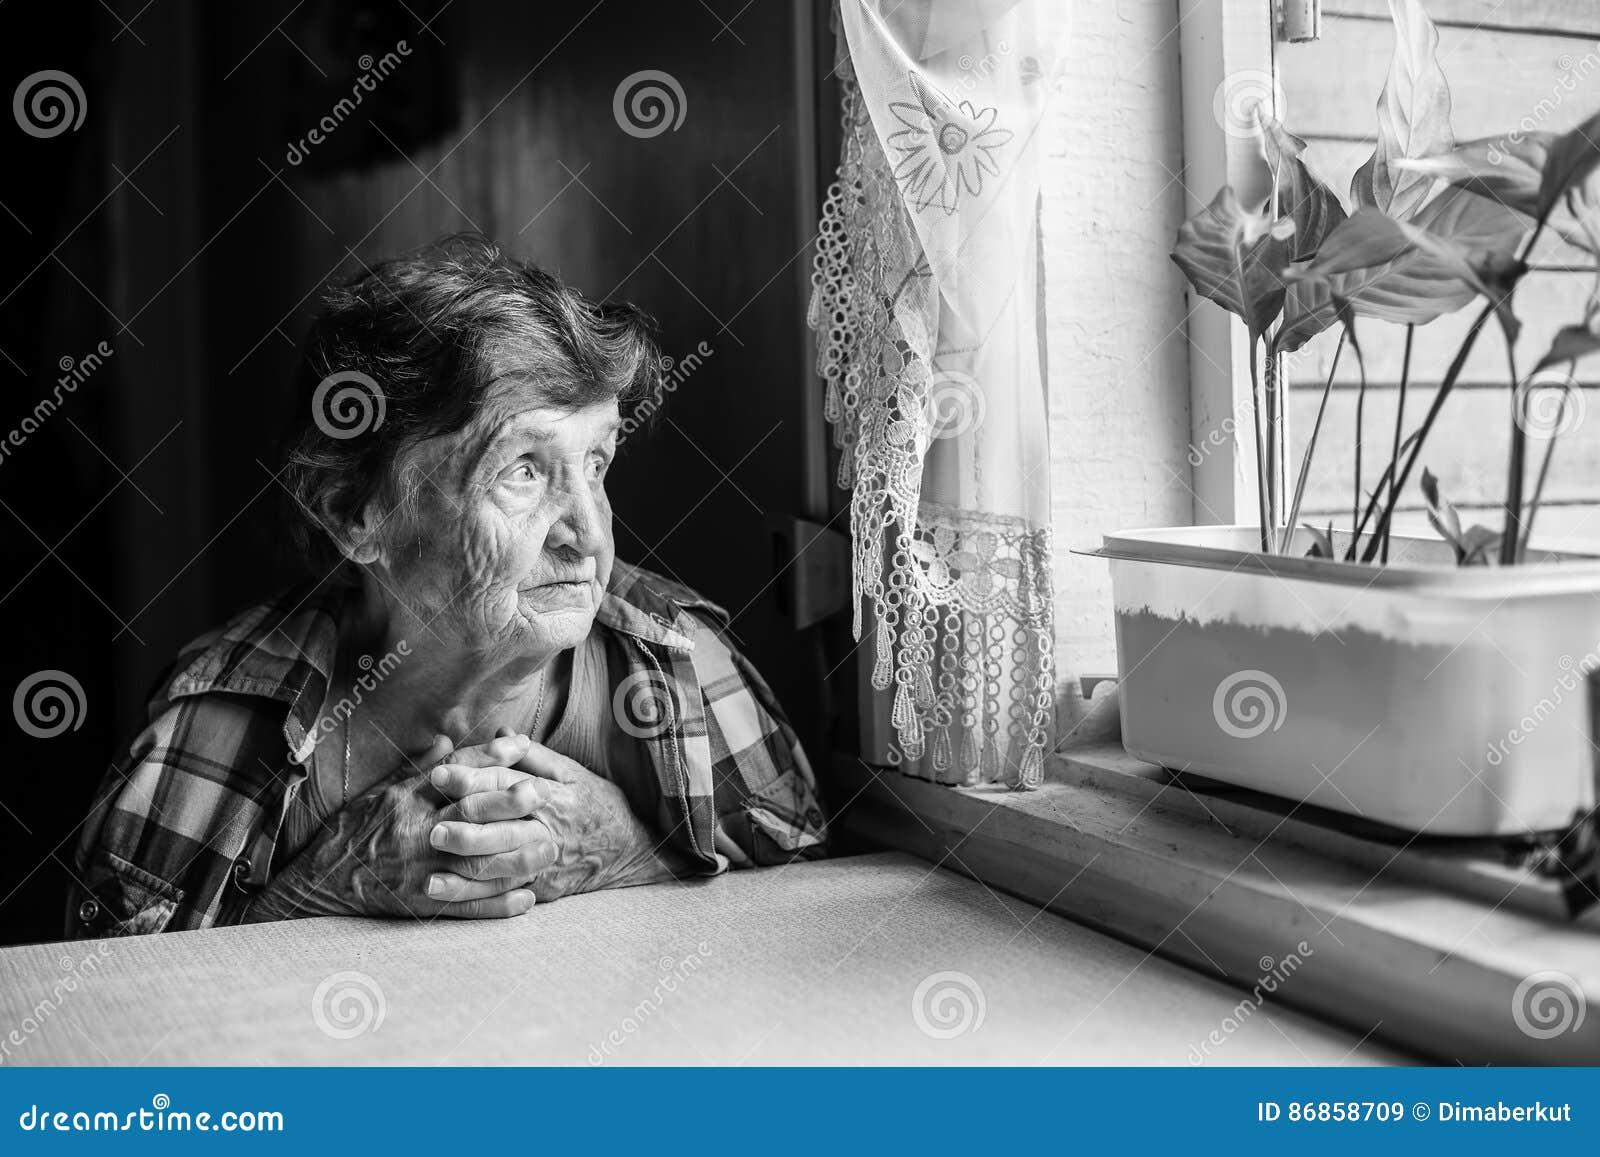 Eine ältere Dame sitzt traurig nahe dem Fenster seines alten Hauses